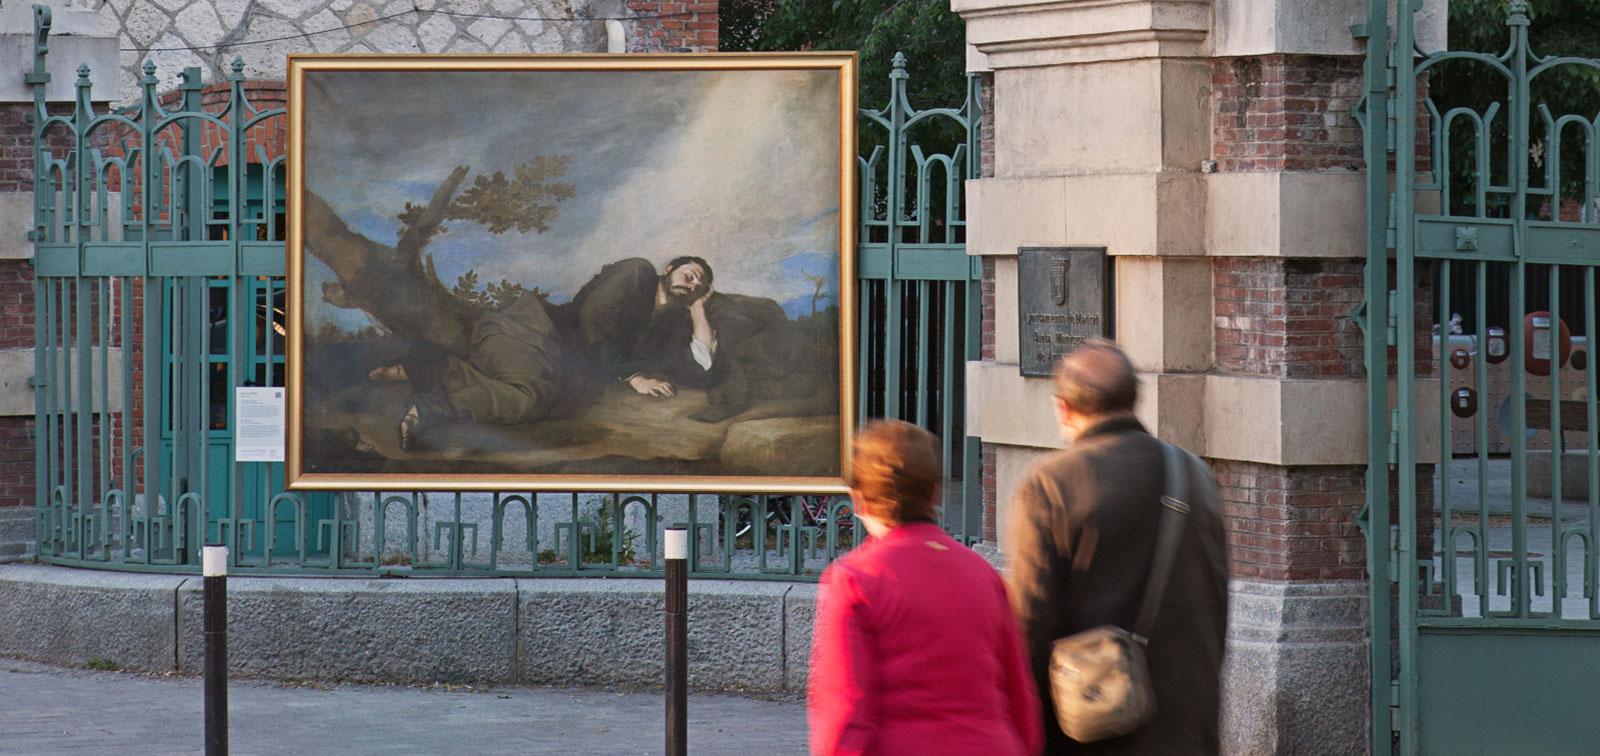 Día Internacional de los Museos 2021 en el Prado